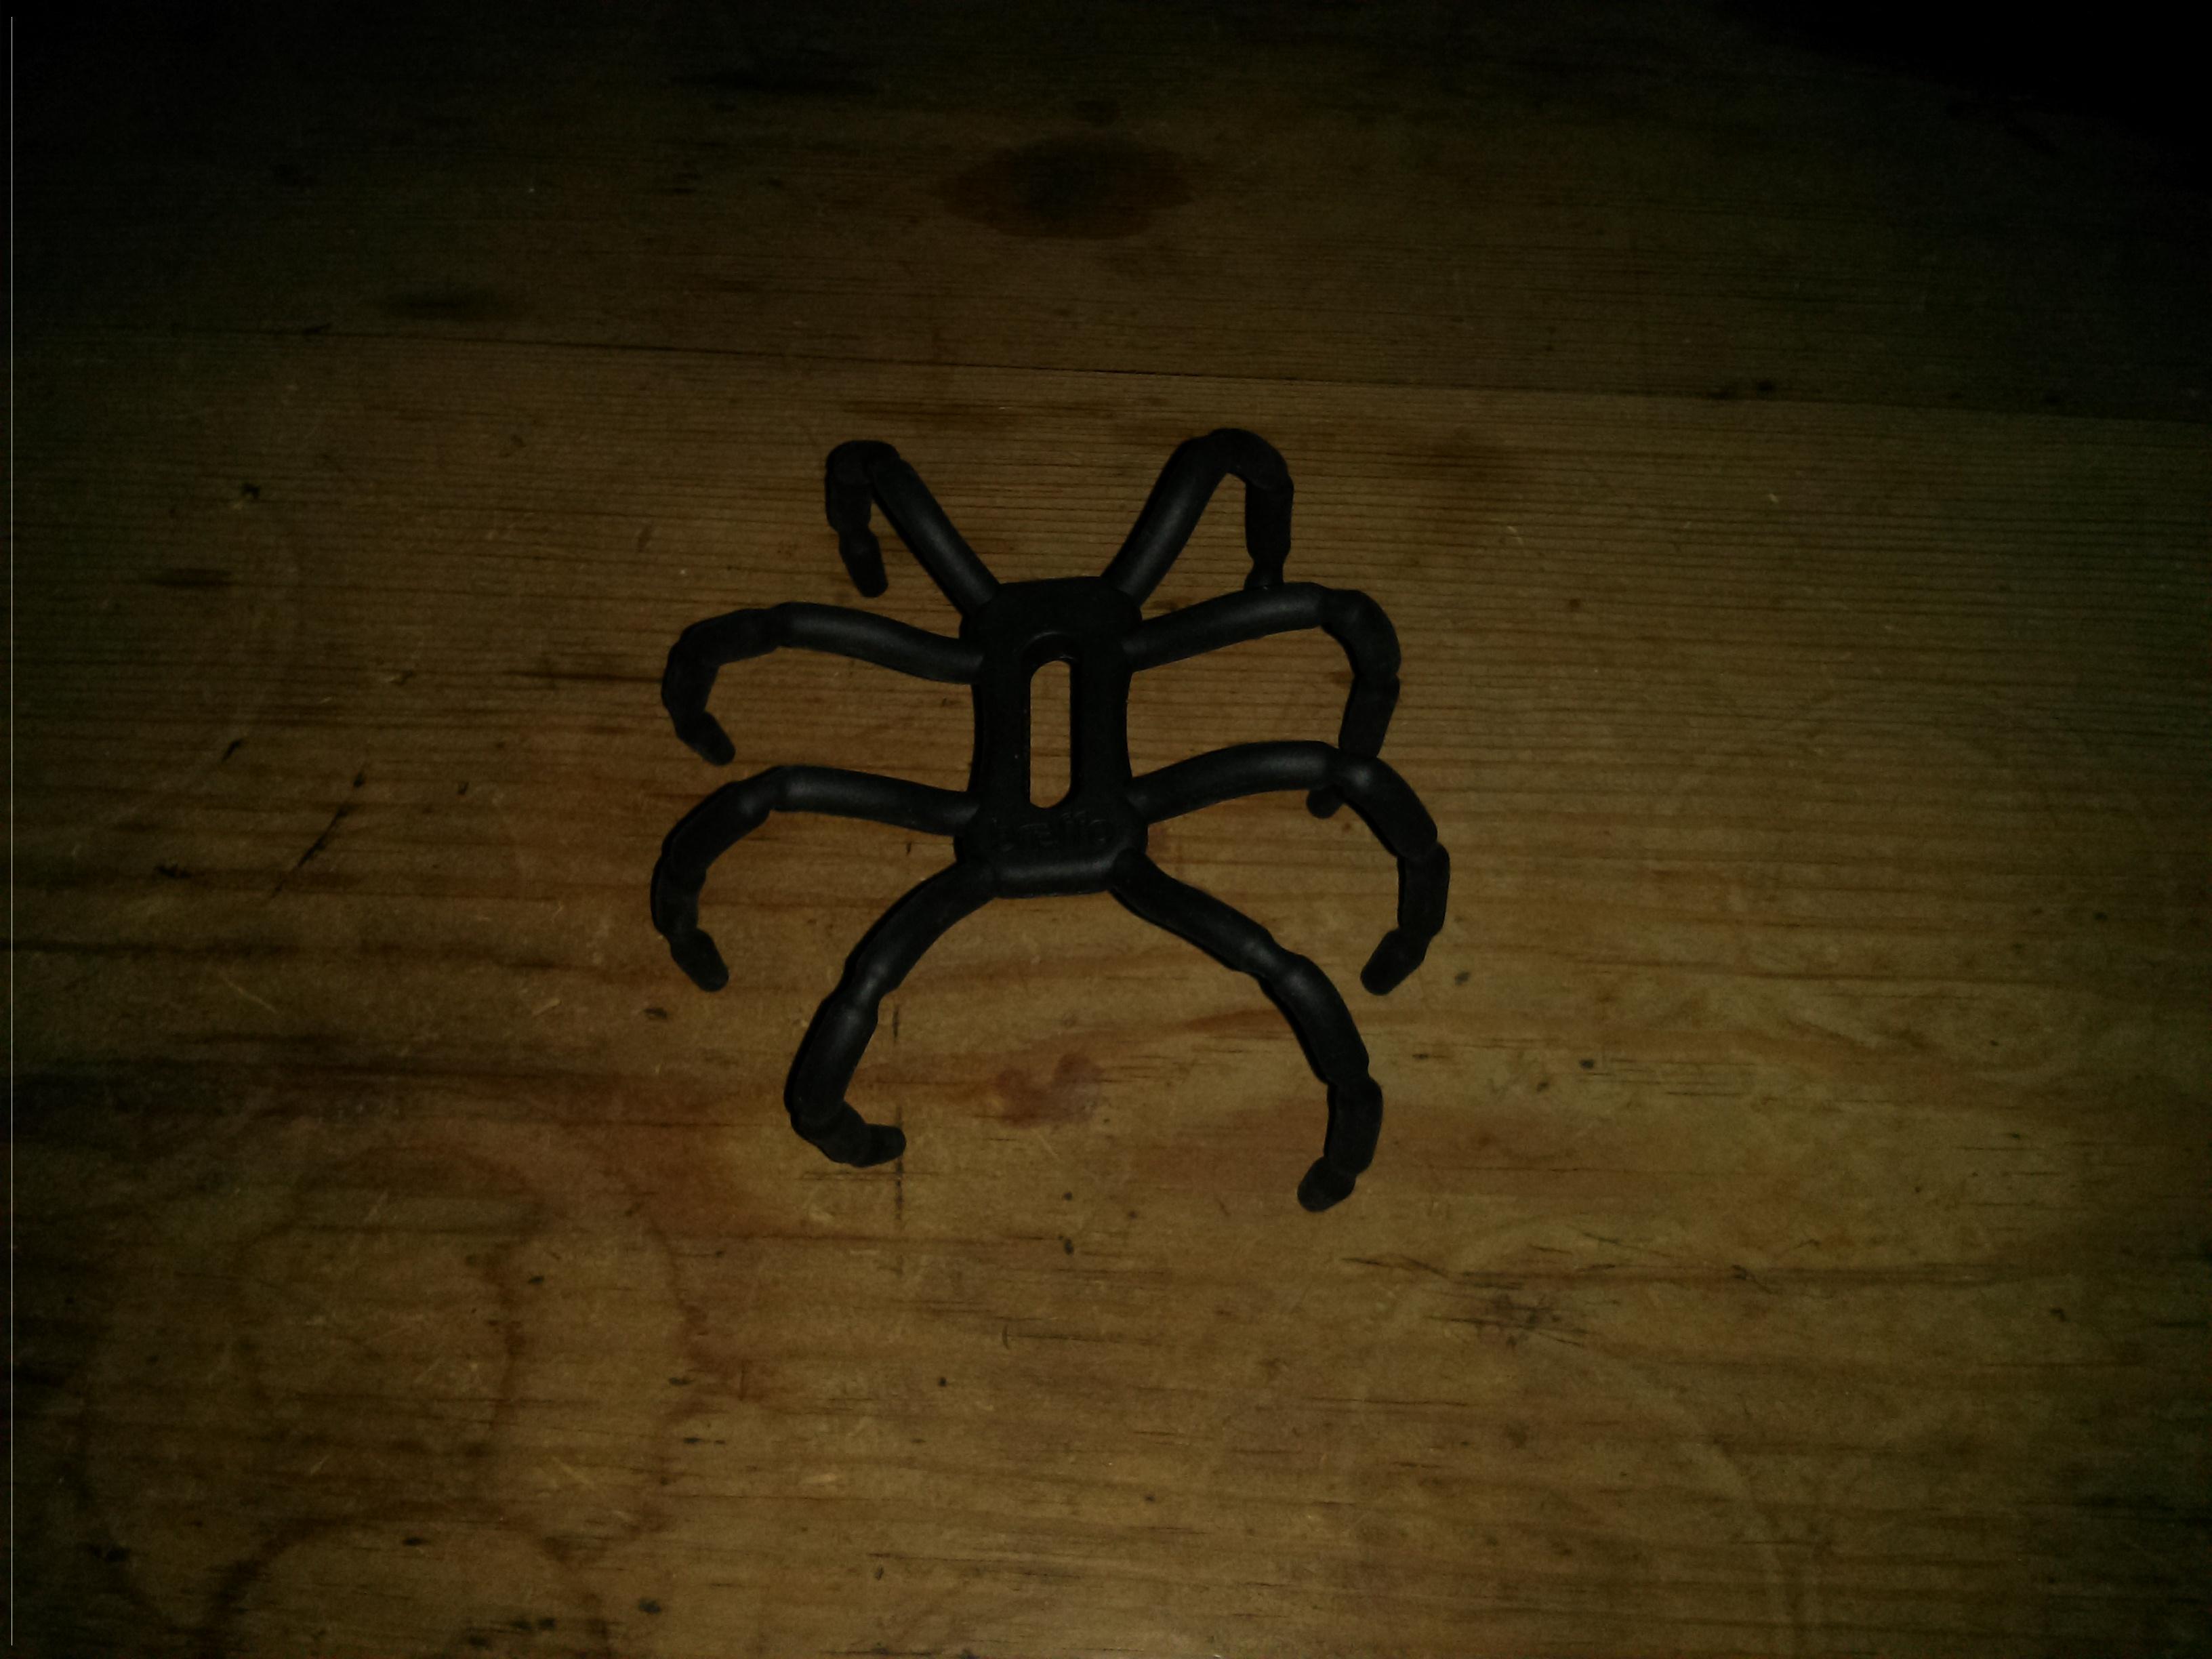 Spider Podium Universal Desk Stand